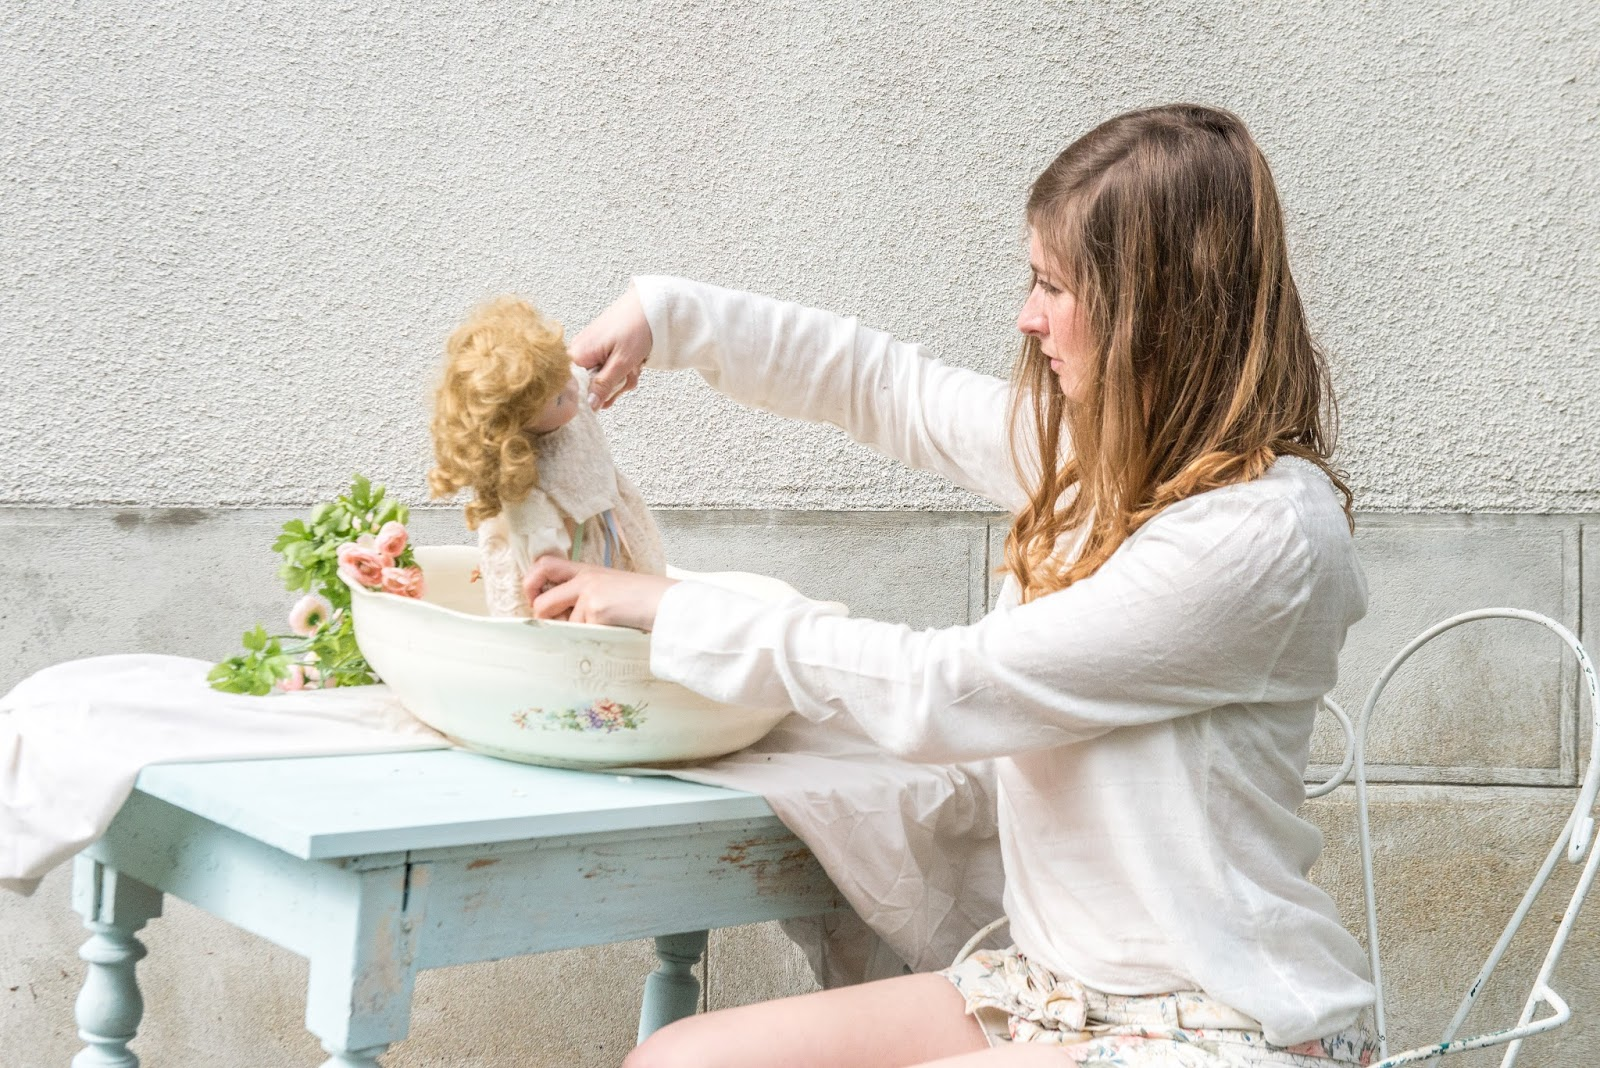 La poupée de cire - Les malheurs de Sophie #2